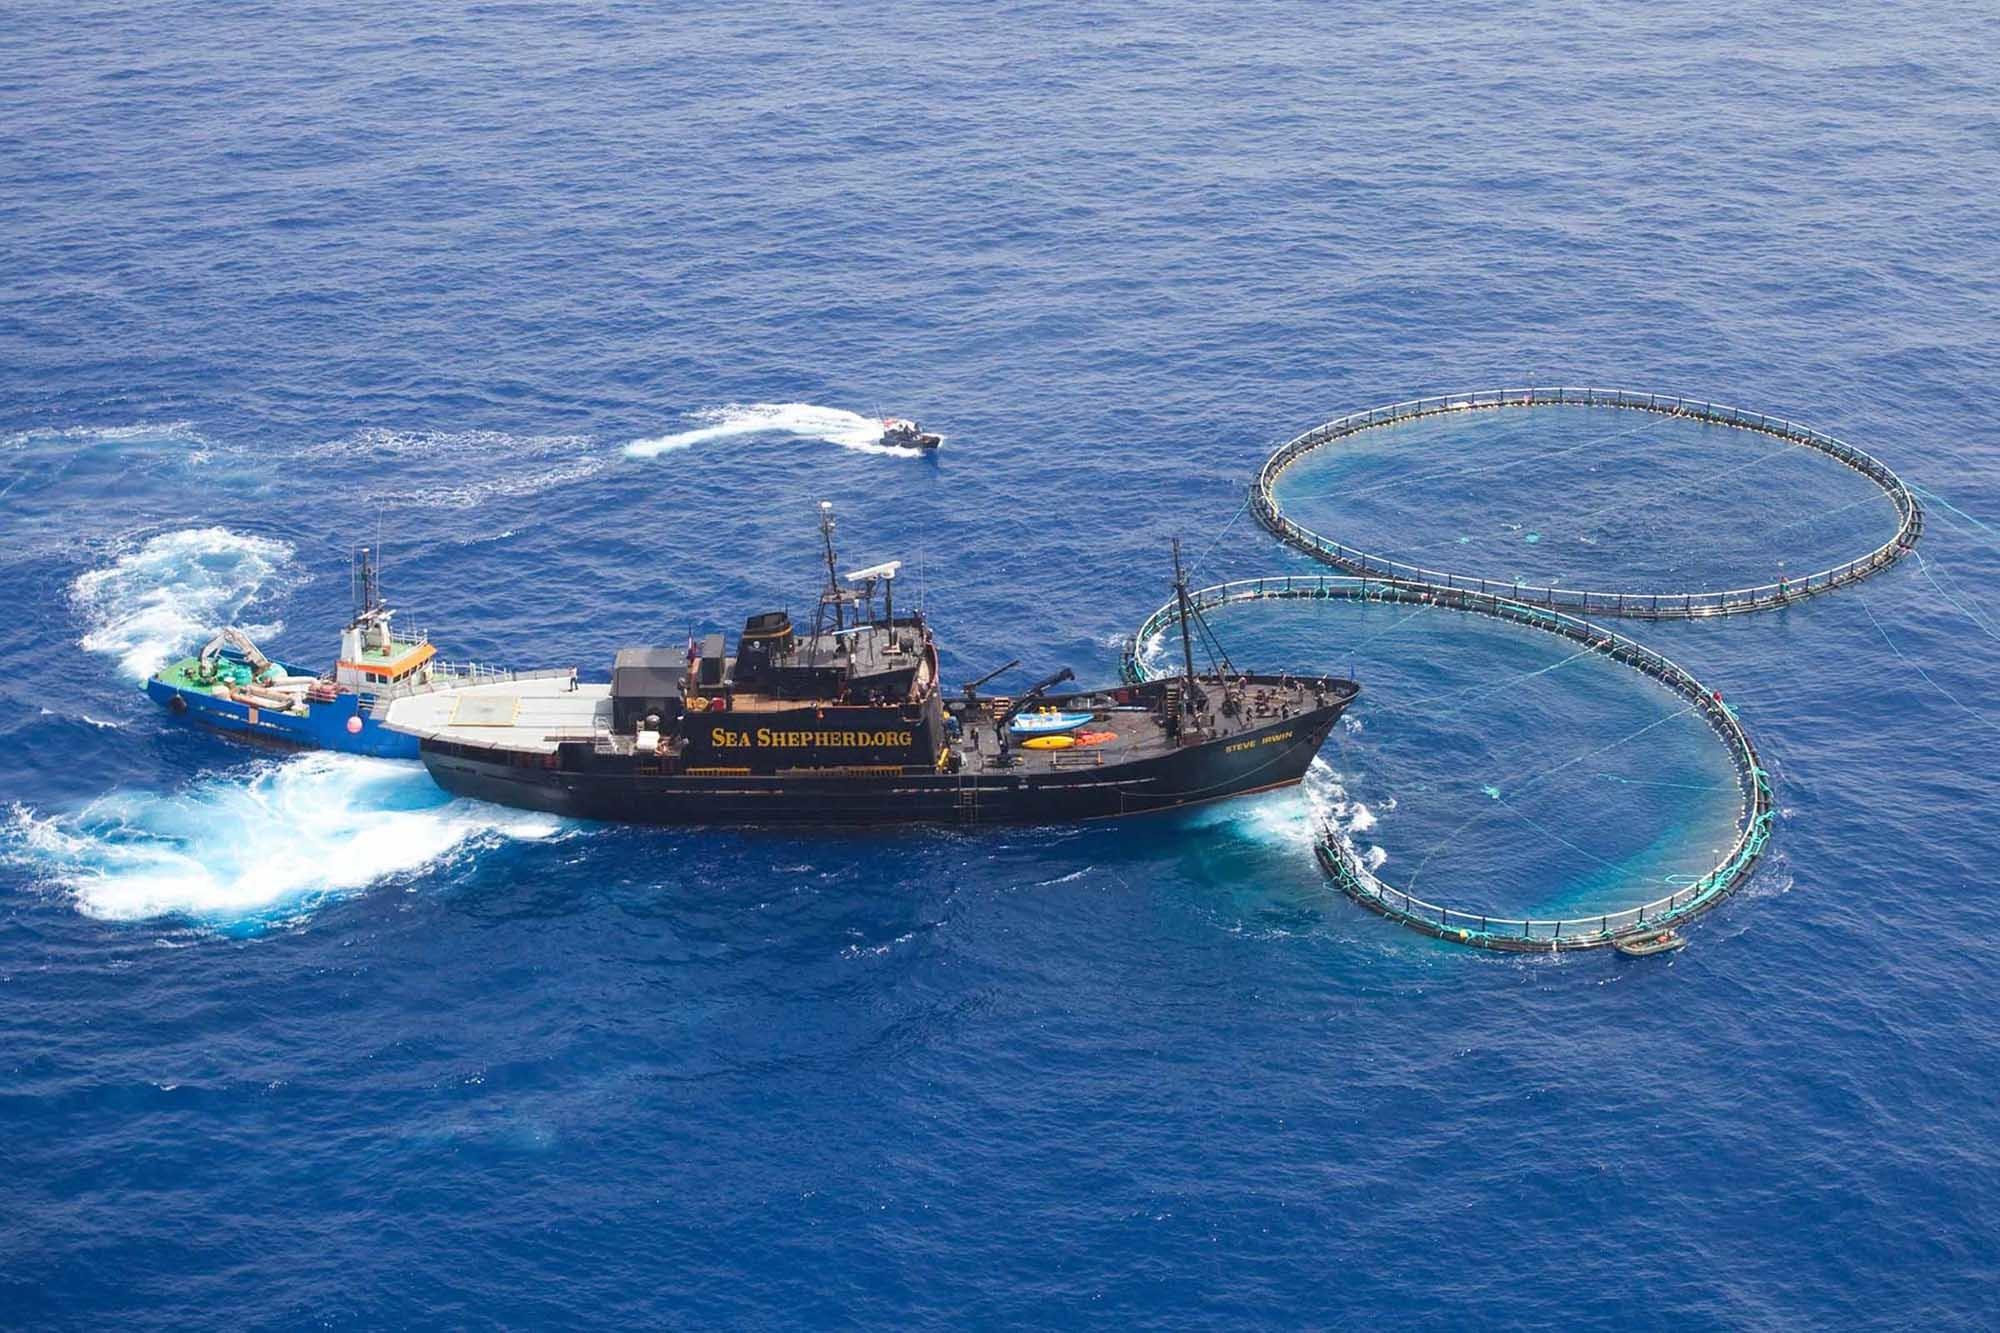 Sea Shepherd off of the coast of Libya